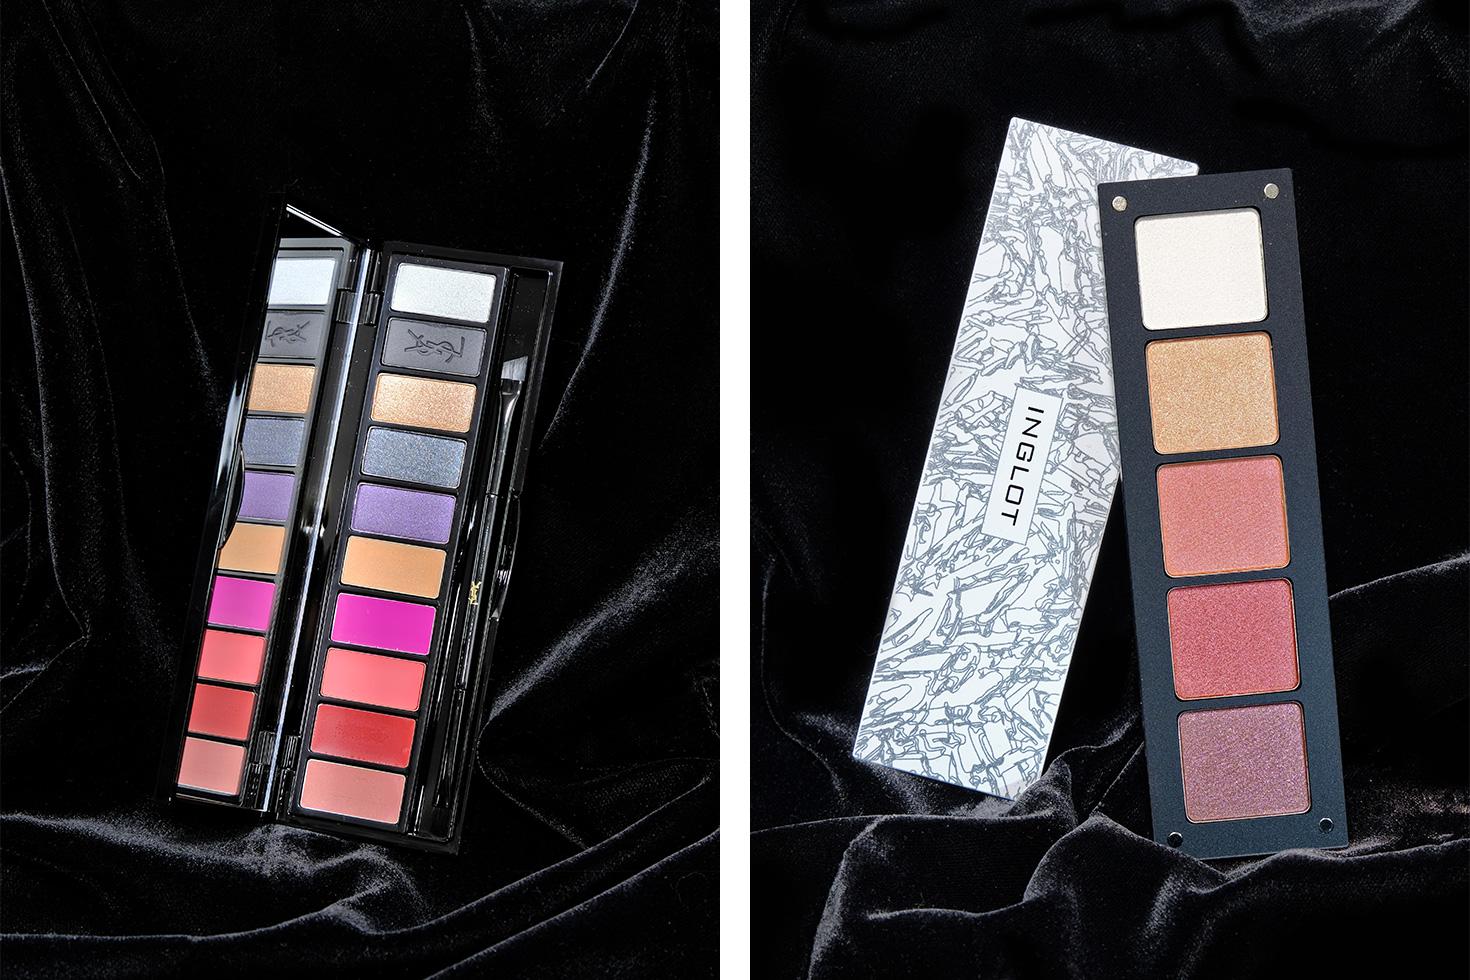 Слева: палетка для губ и глаз YSL Couture Variation Palette. Справа: набор теней Inglot